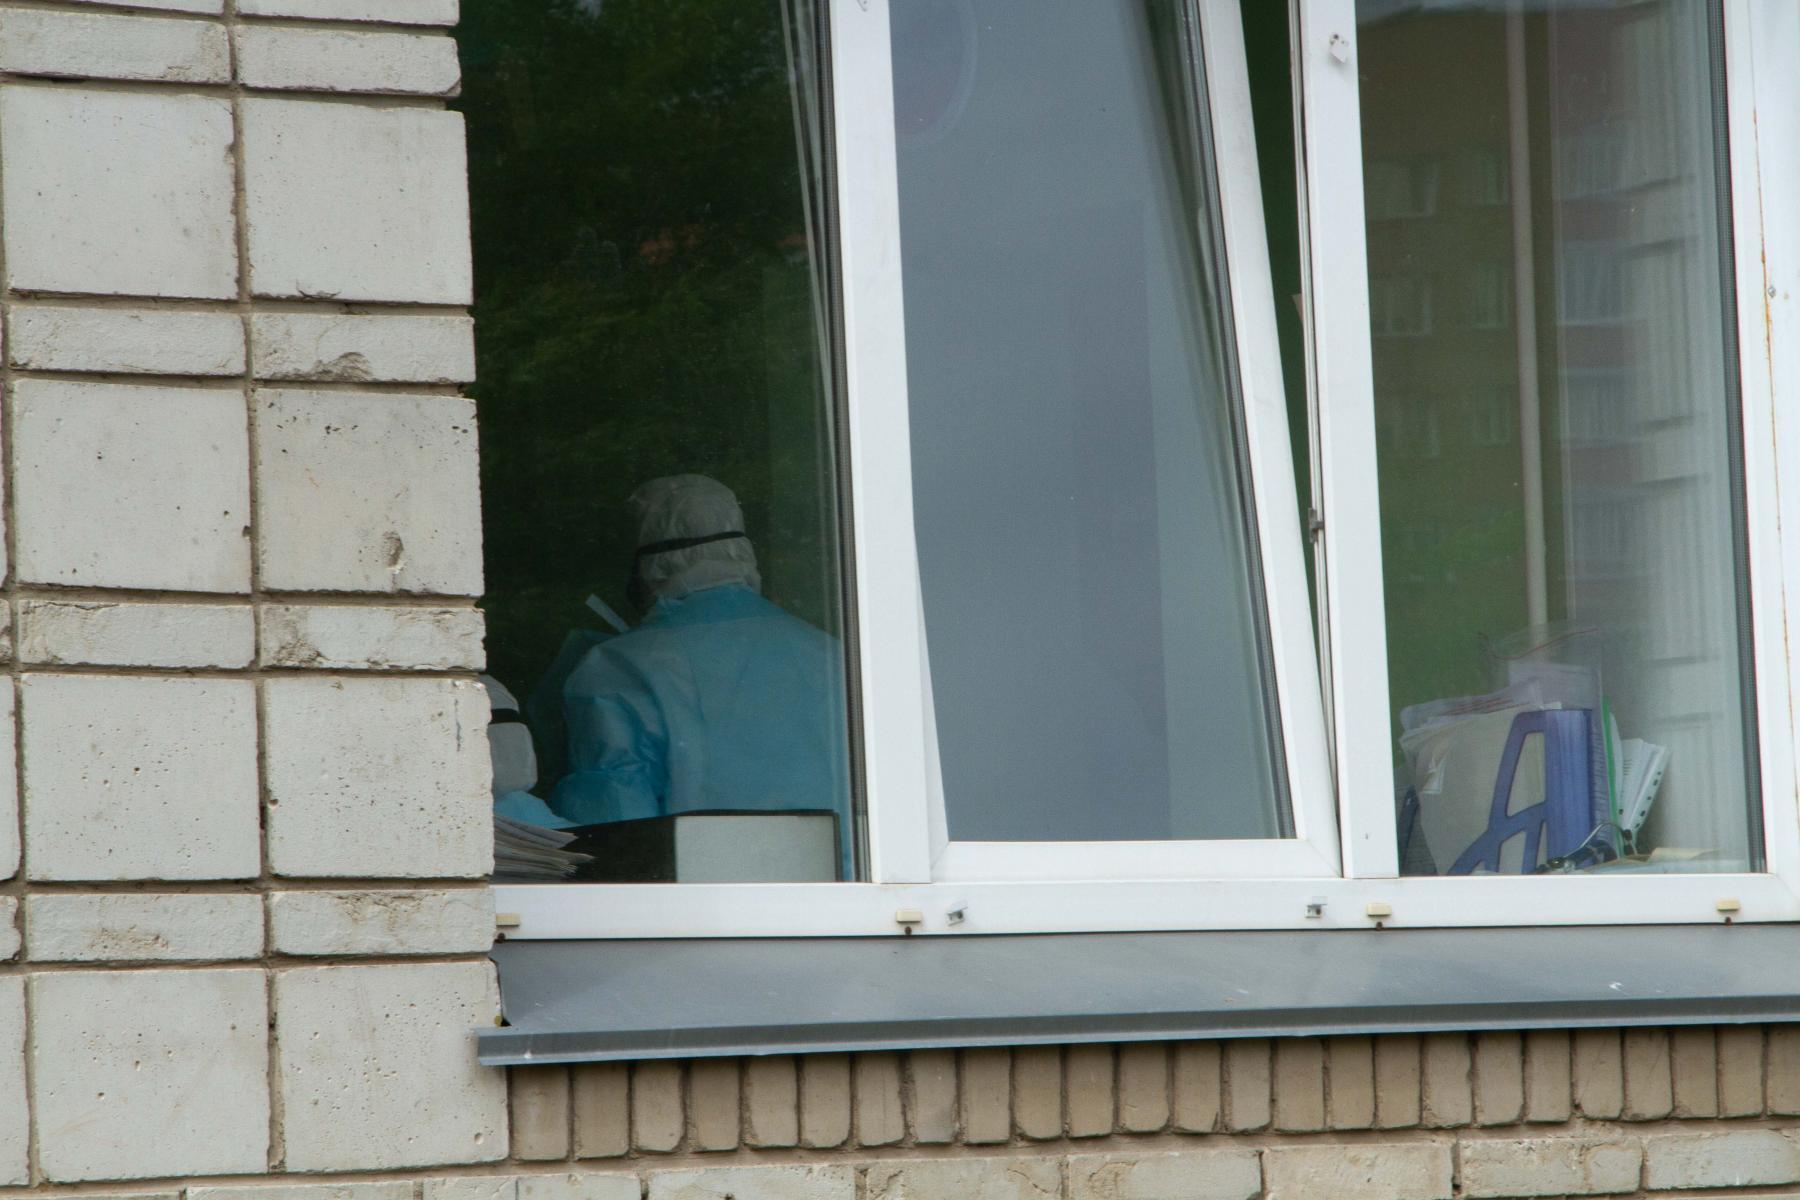 фото «Тяжёлых без очереди»: фоторепортаж из приёмного отделения коронавирусного госпиталя в Новосибирске 5